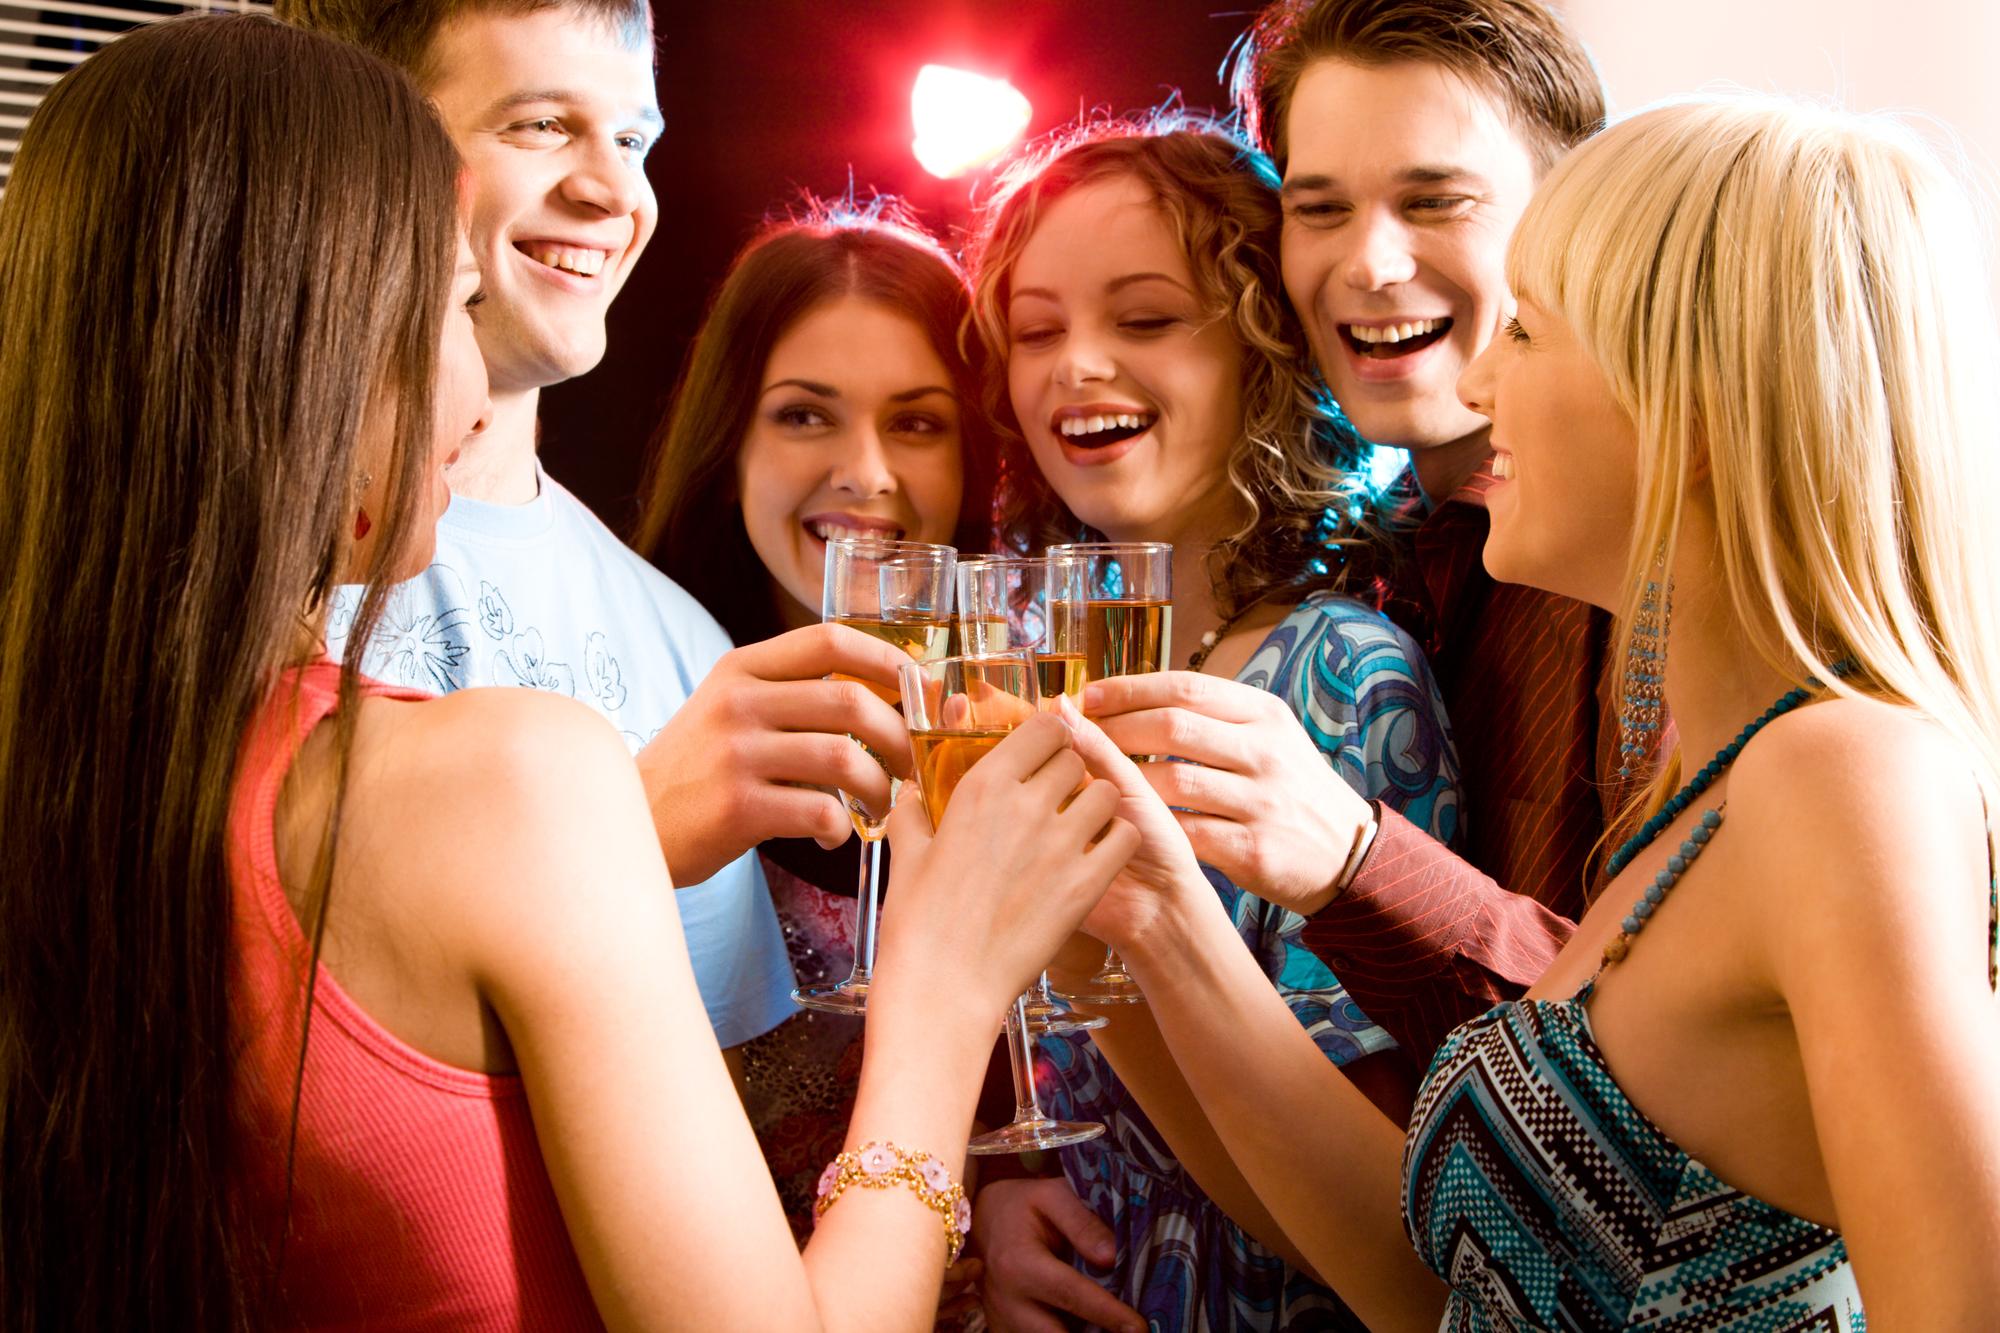 Исследователям удалось зарегистрировать изменения структур головного мозга юношей идевушек, злоупотреблявших алкоголем вподростковом возрасте.